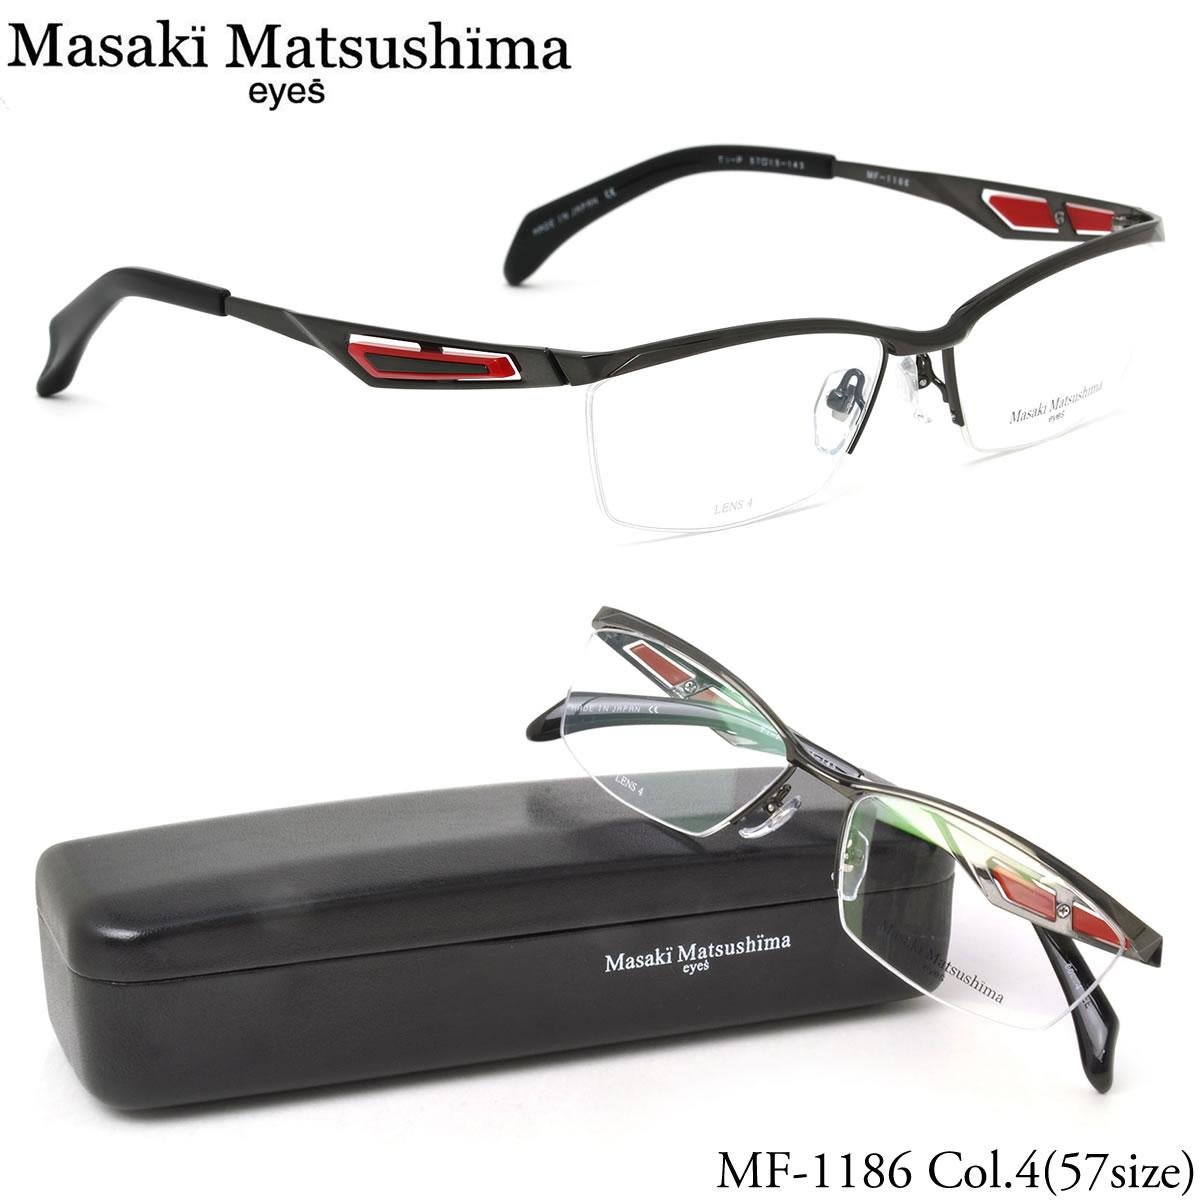 【10月30日からエントリーで全品ポイント20倍】マサキ マツシマ メガネ MF-1186 4 57サイズ Masaki Matsushima チタン 日本製 メンズ レディース